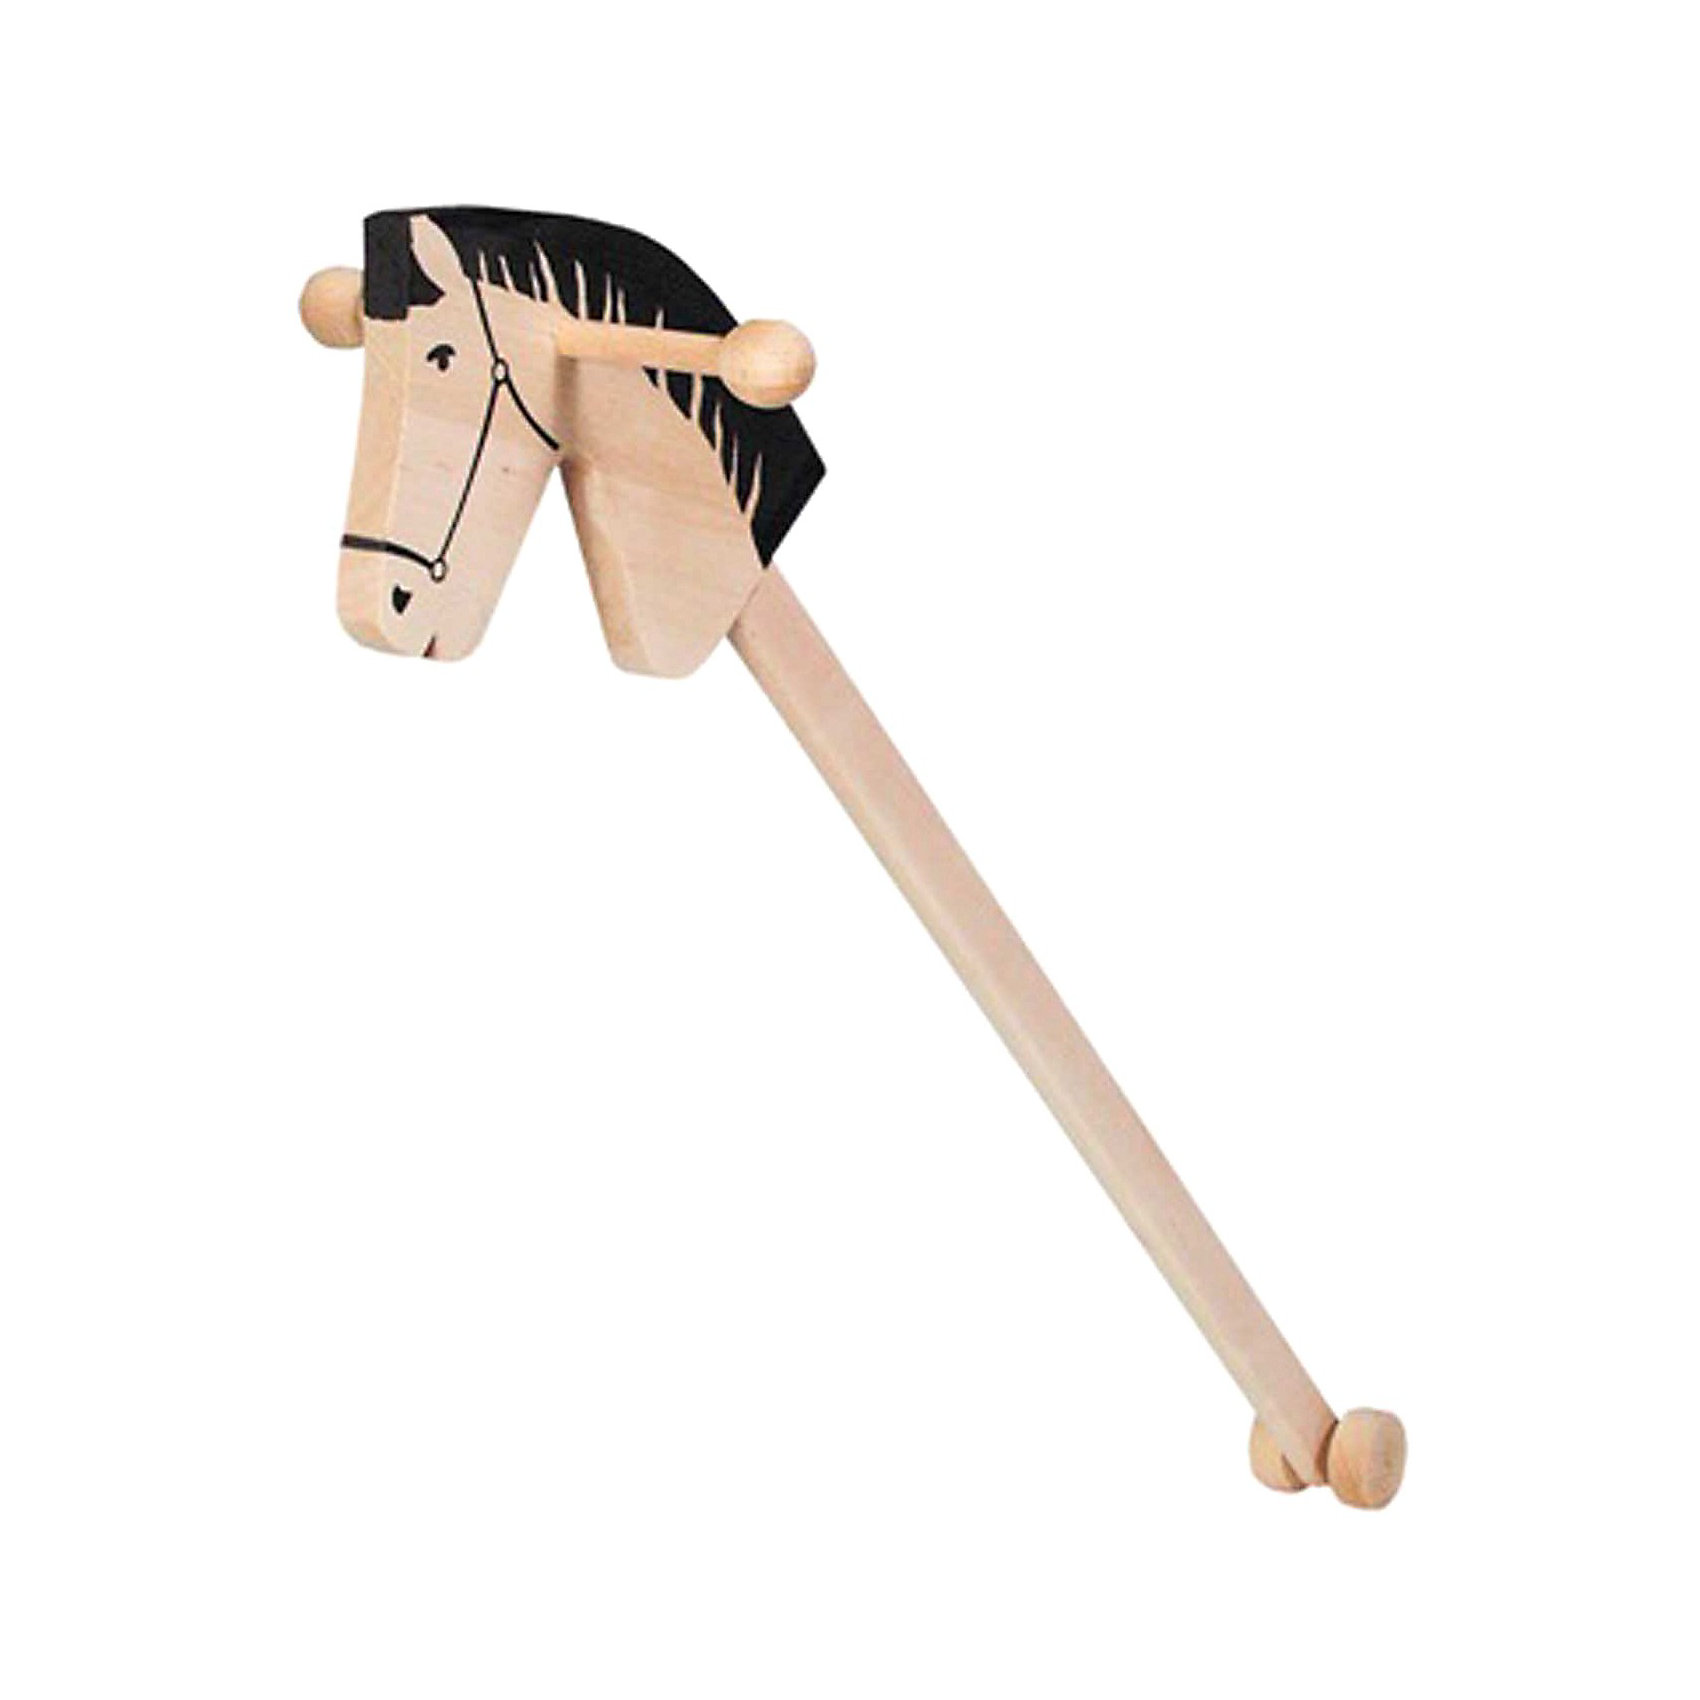 Лошадка-каталка на палке, gokiИгрушки-каталки<br>Лошадка-каталка на палке, goki (гоки) – это классическая забава для мальчиков и девочек.<br>Резвая лошадка-каталка на палке, от GOKI (ГОКИ) из натурального дерева быстро домчит вашего малыша куда угодно. Можно играть в рыцарей, древних воинов, индейцев, принцев и принцесс. Благодаря двум маленьким колесикам на конце палки, лошадка не будет царапать пол. А две удобные ручки на голове игрушки помогут ребенку зафиксировать лошадку между ног в нужном положении. Ваш карапуз, как только увидит это чудо, сразу же оседлает своего нового друга и не захочет расставаться с новой игрушкой ни на минуту! Деревянная каталка Лошадка абсолютно безопасна для здоровья вашего малыша. <br><br>Дополнительная информация:<br><br>- Высота: 82 см.<br>- Материал: массив бука<br><br>Лошадку-каталку на палке, goki (гоки) можно купить в нашем интернет-магазине.<br><br>Ширина мм: 100<br>Глубина мм: 200<br>Высота мм: 300<br>Вес г: 500<br>Возраст от месяцев: 24<br>Возраст до месяцев: 72<br>Пол: Унисекс<br>Возраст: Детский<br>SKU: 3561268